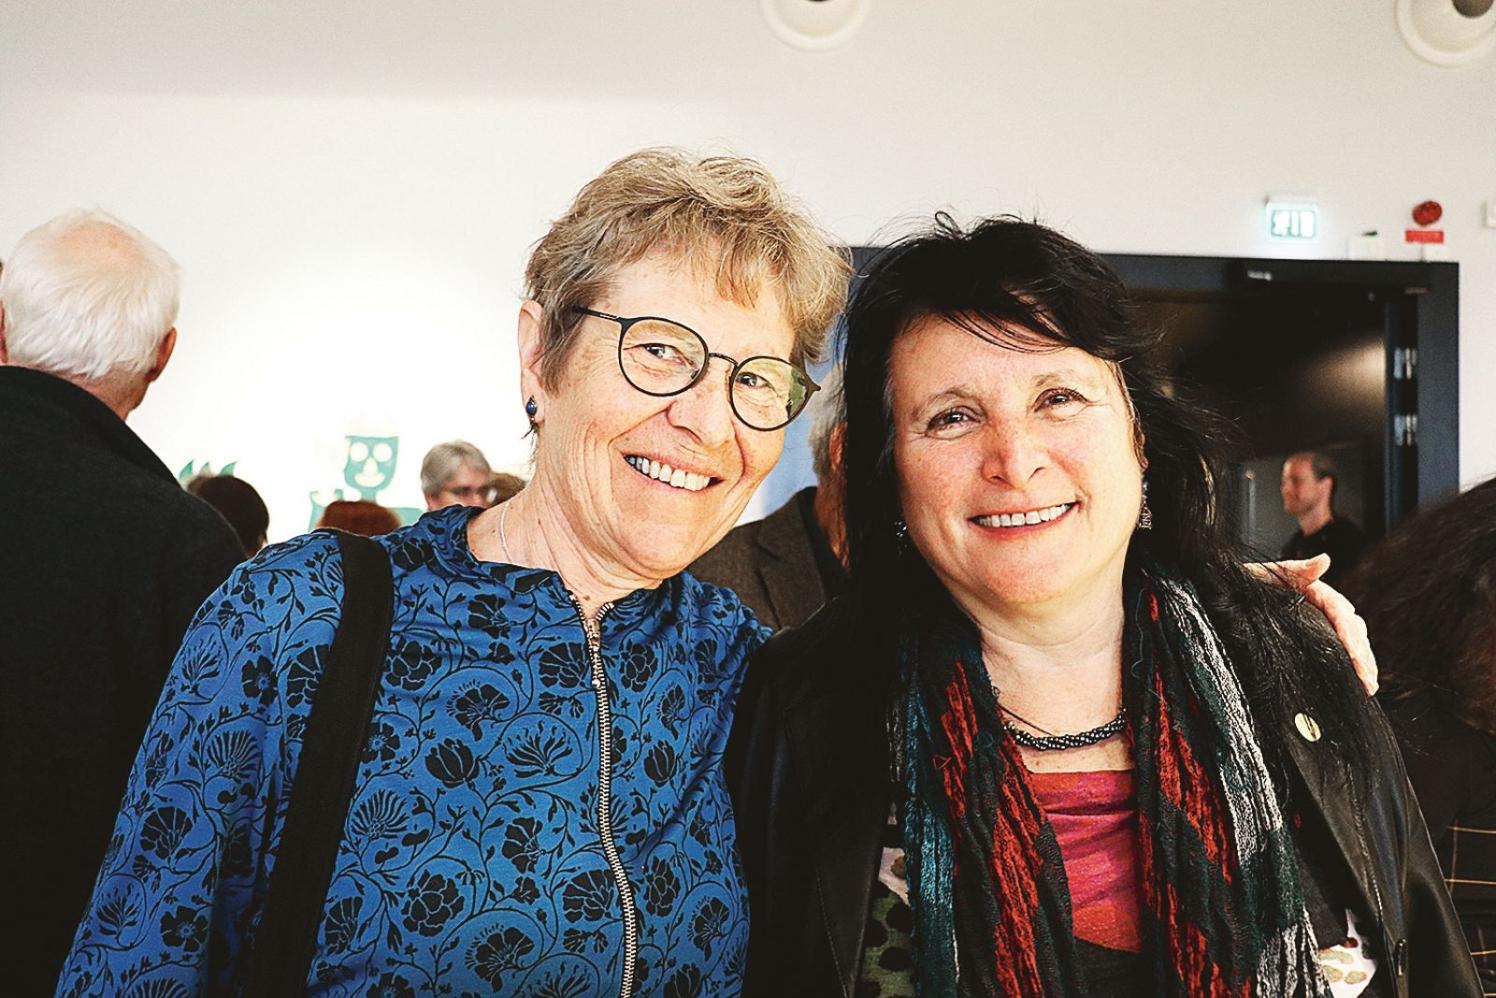 """Britt Nilsson var på plats på museet tillsammans med konstnären Ana Gaines, en av utställarna. """"Jag är så glad och stolt över att vara med"""" sa Ana."""